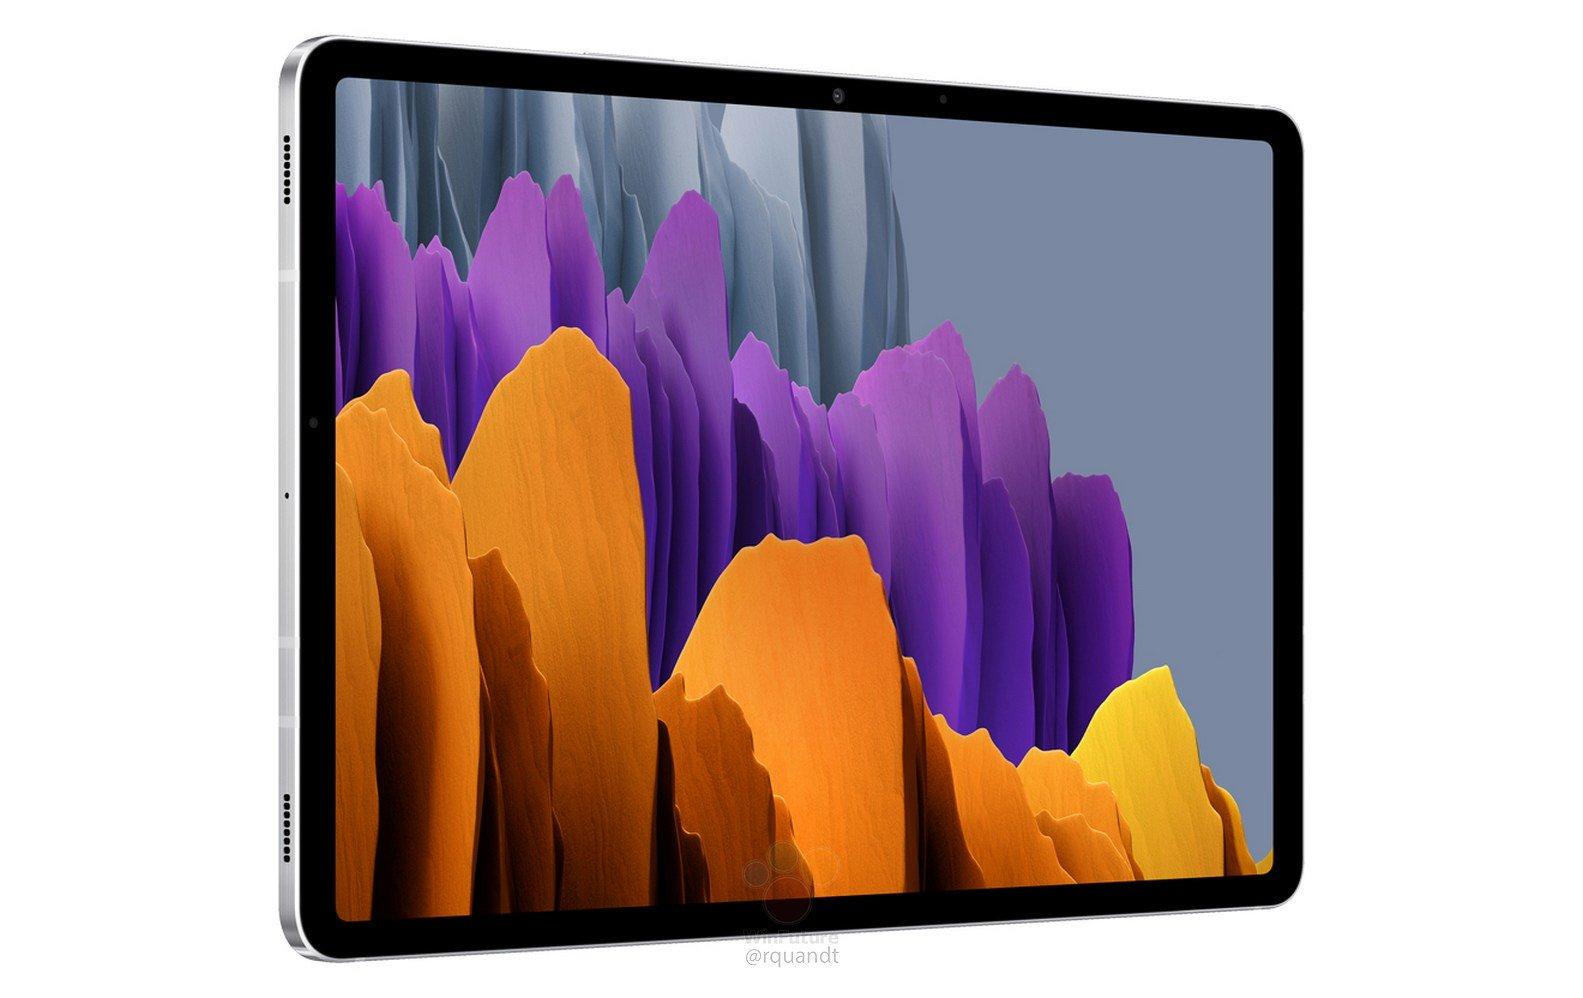 Samsung Galaxy Tab S7 et S7+ : voici les nouvelles reines des tablettes Android